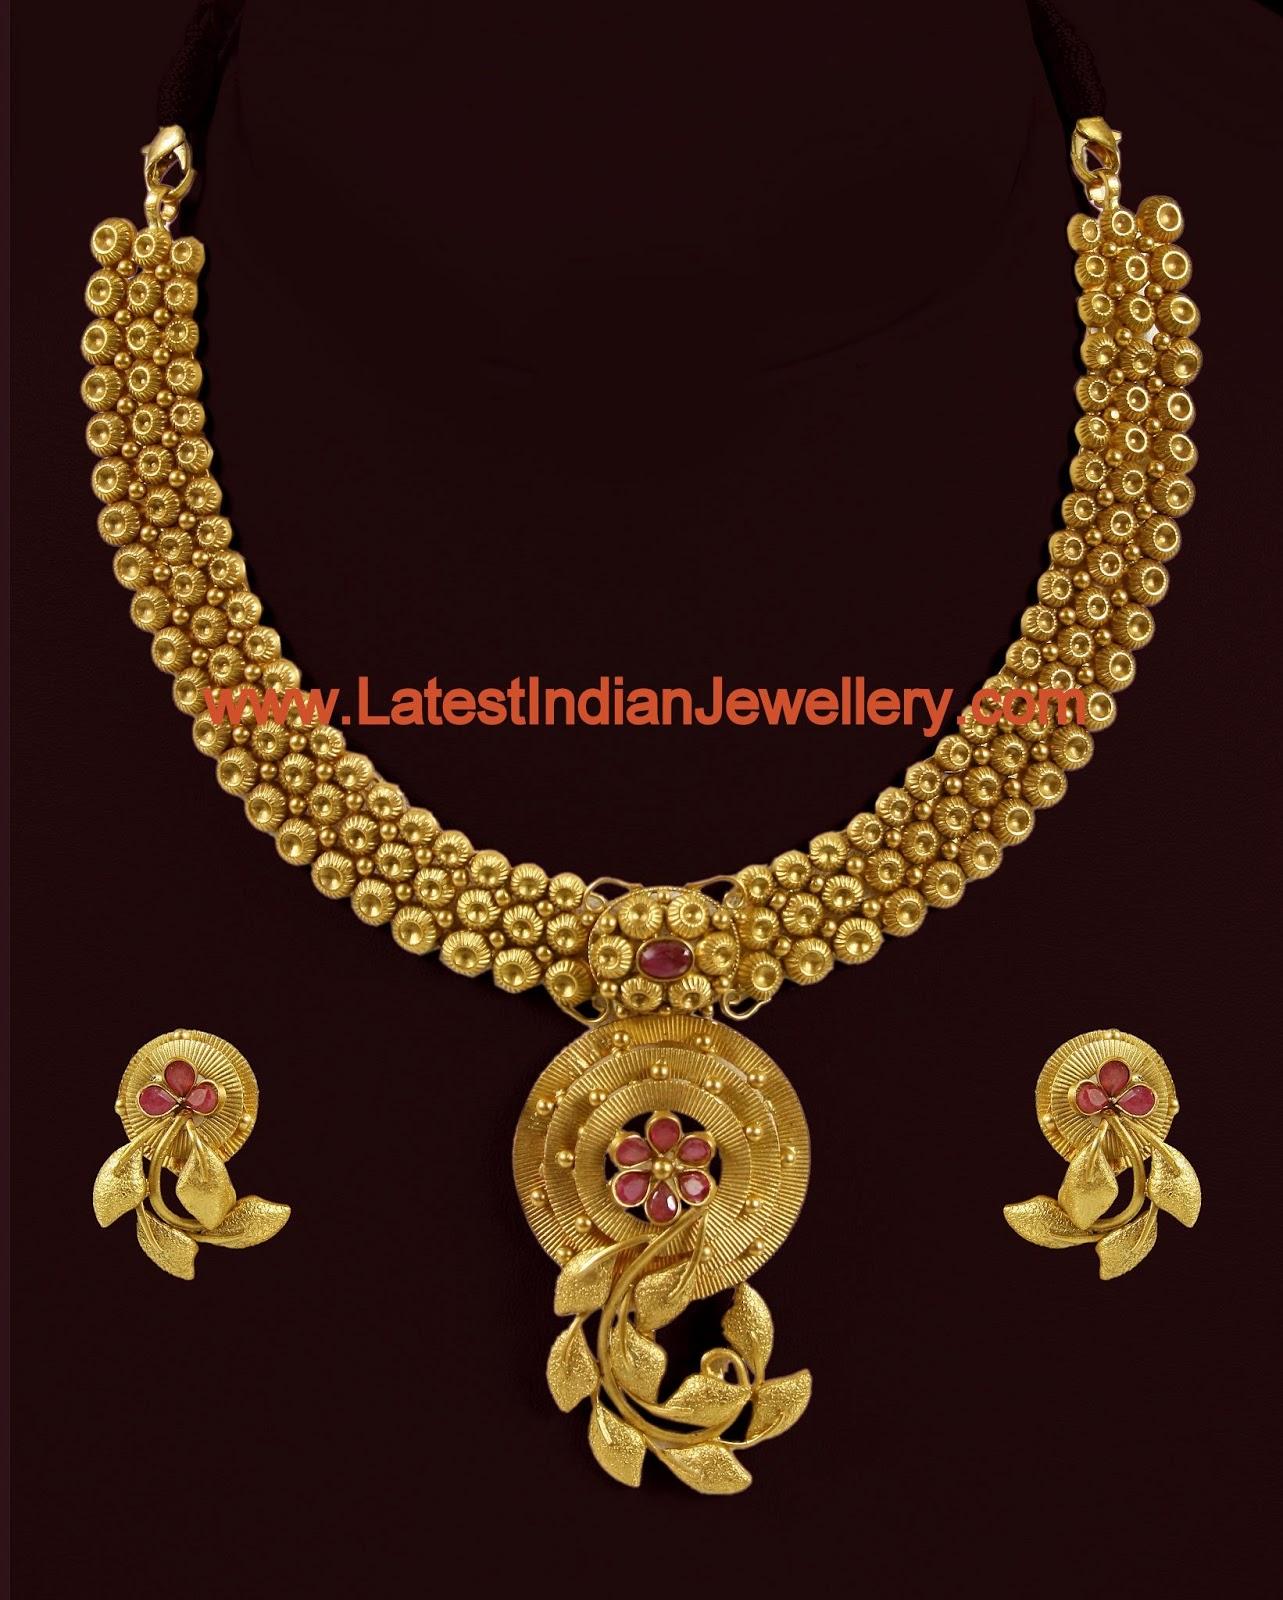 Designer Indian Antique Gold Necklace Set In Trendy Design